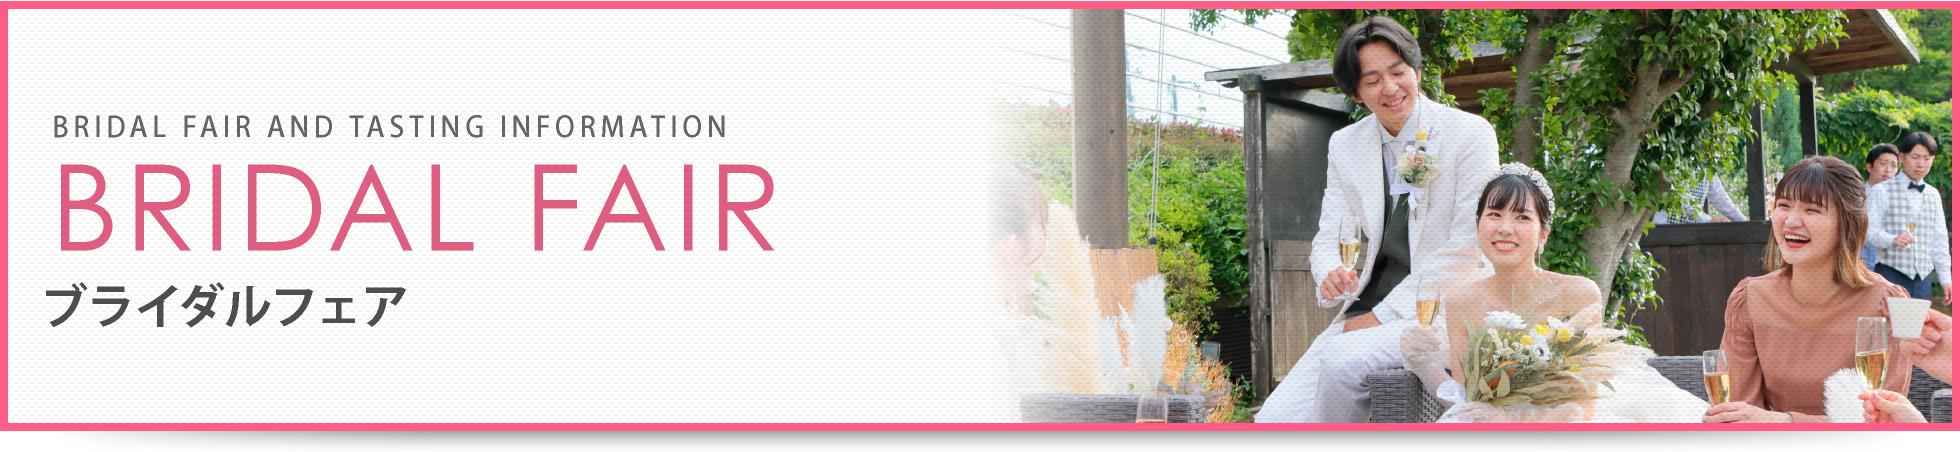 ブライダルフェア 【公式】長崎の結婚式場|パークベルズ大村